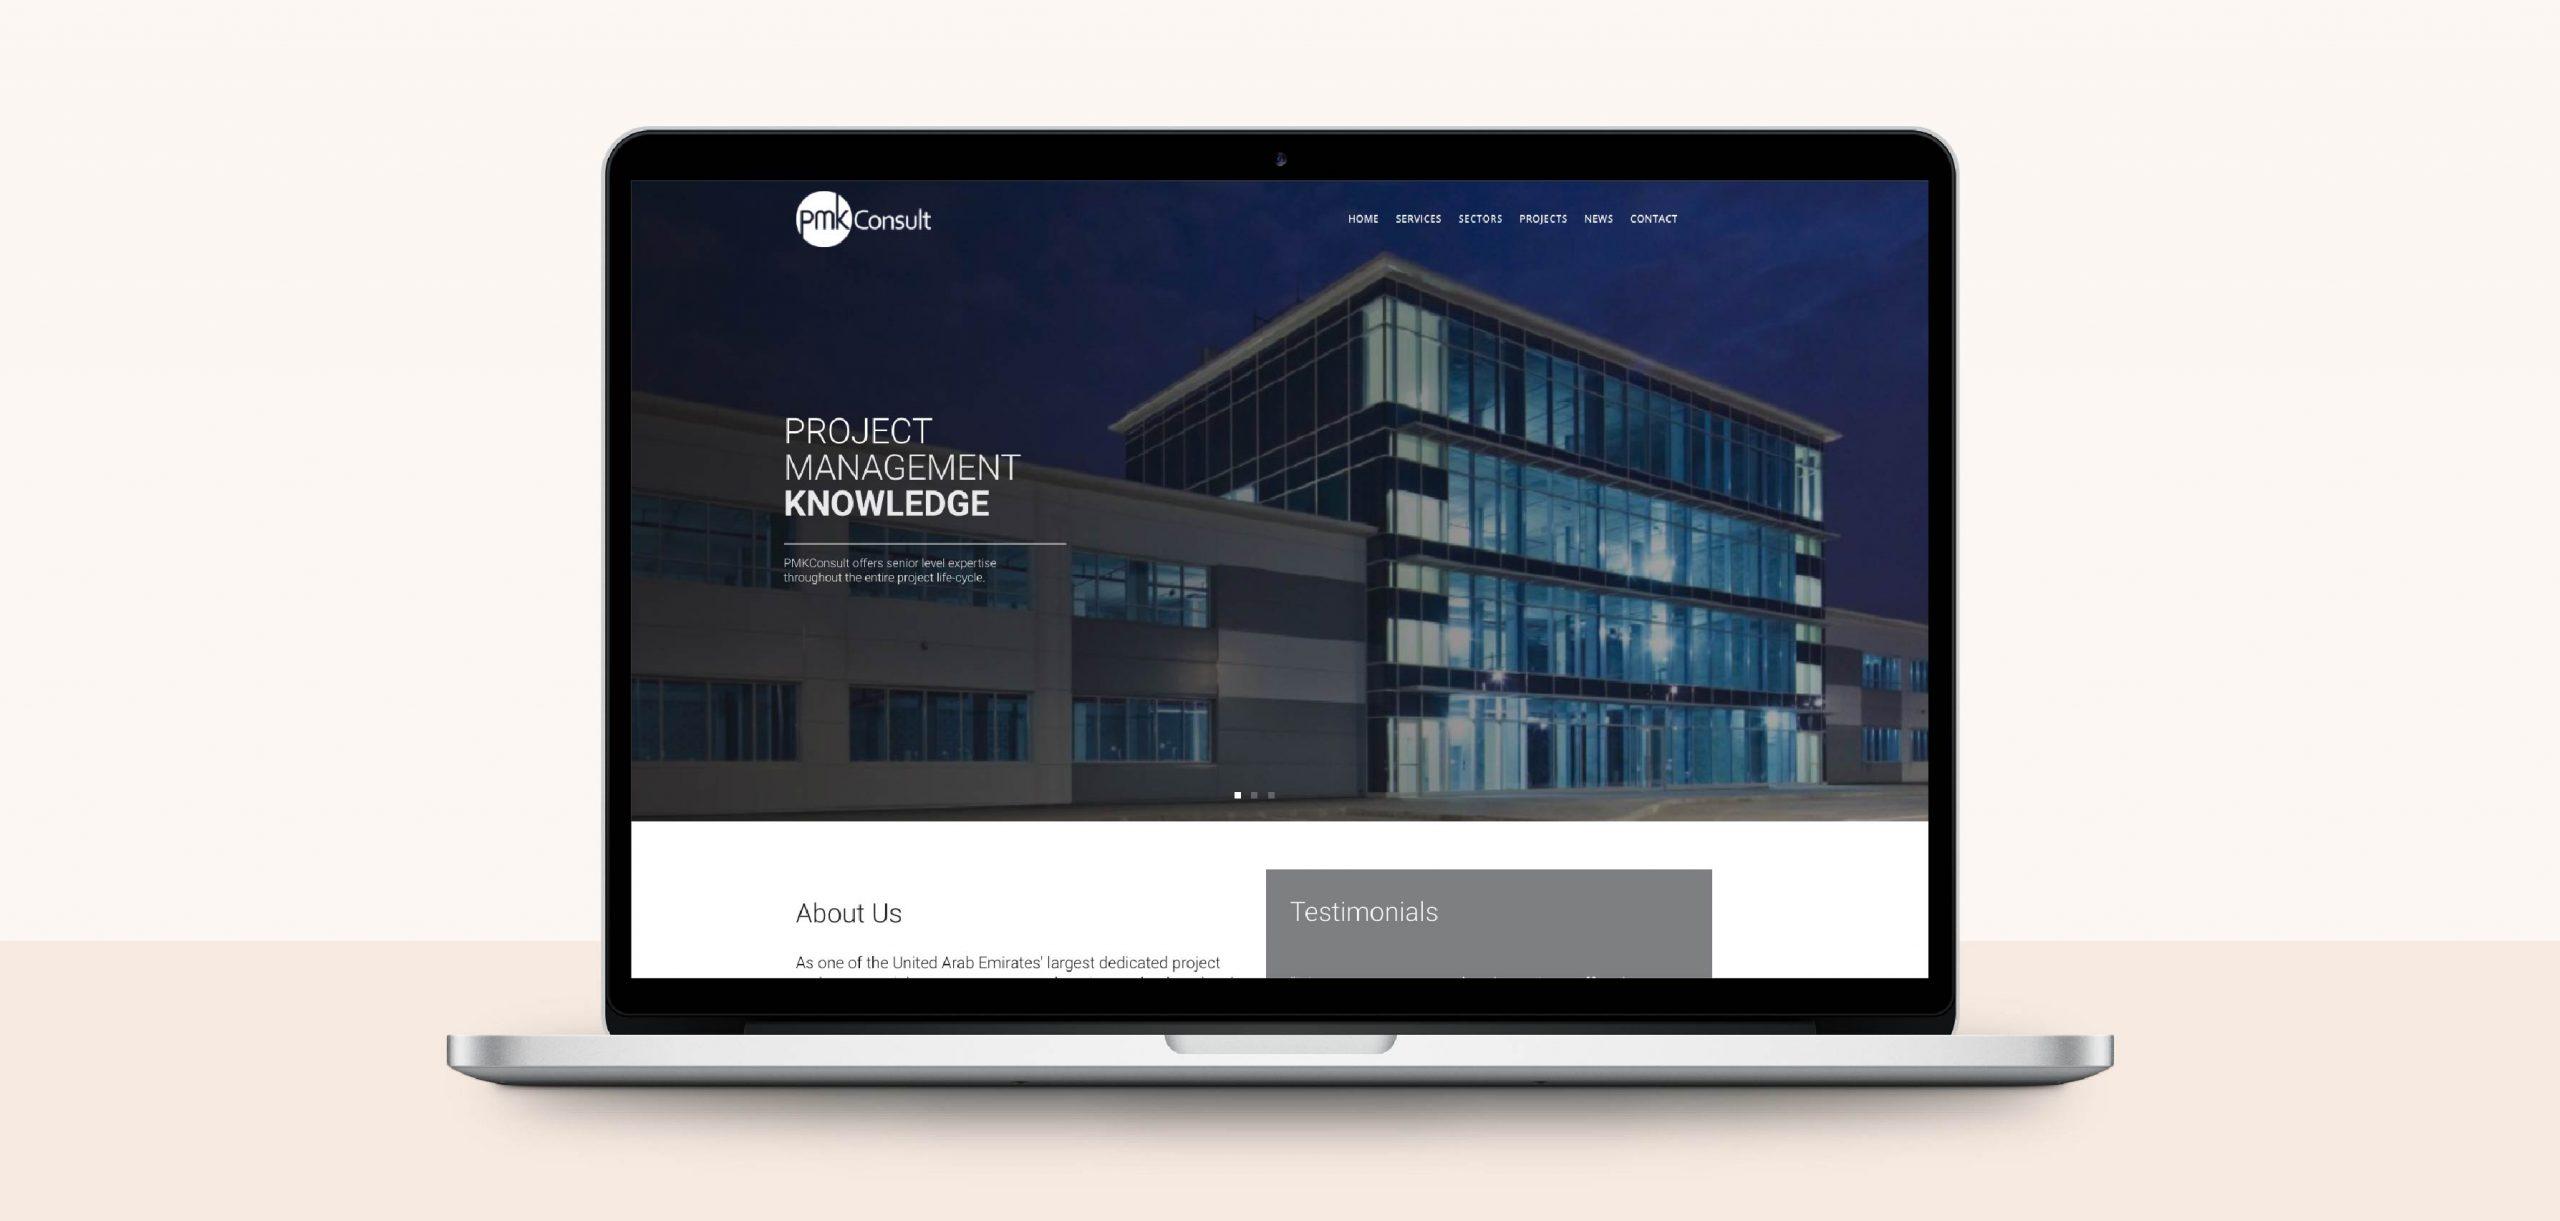 PMKConsult Website Design by Chris Howlett Dubai